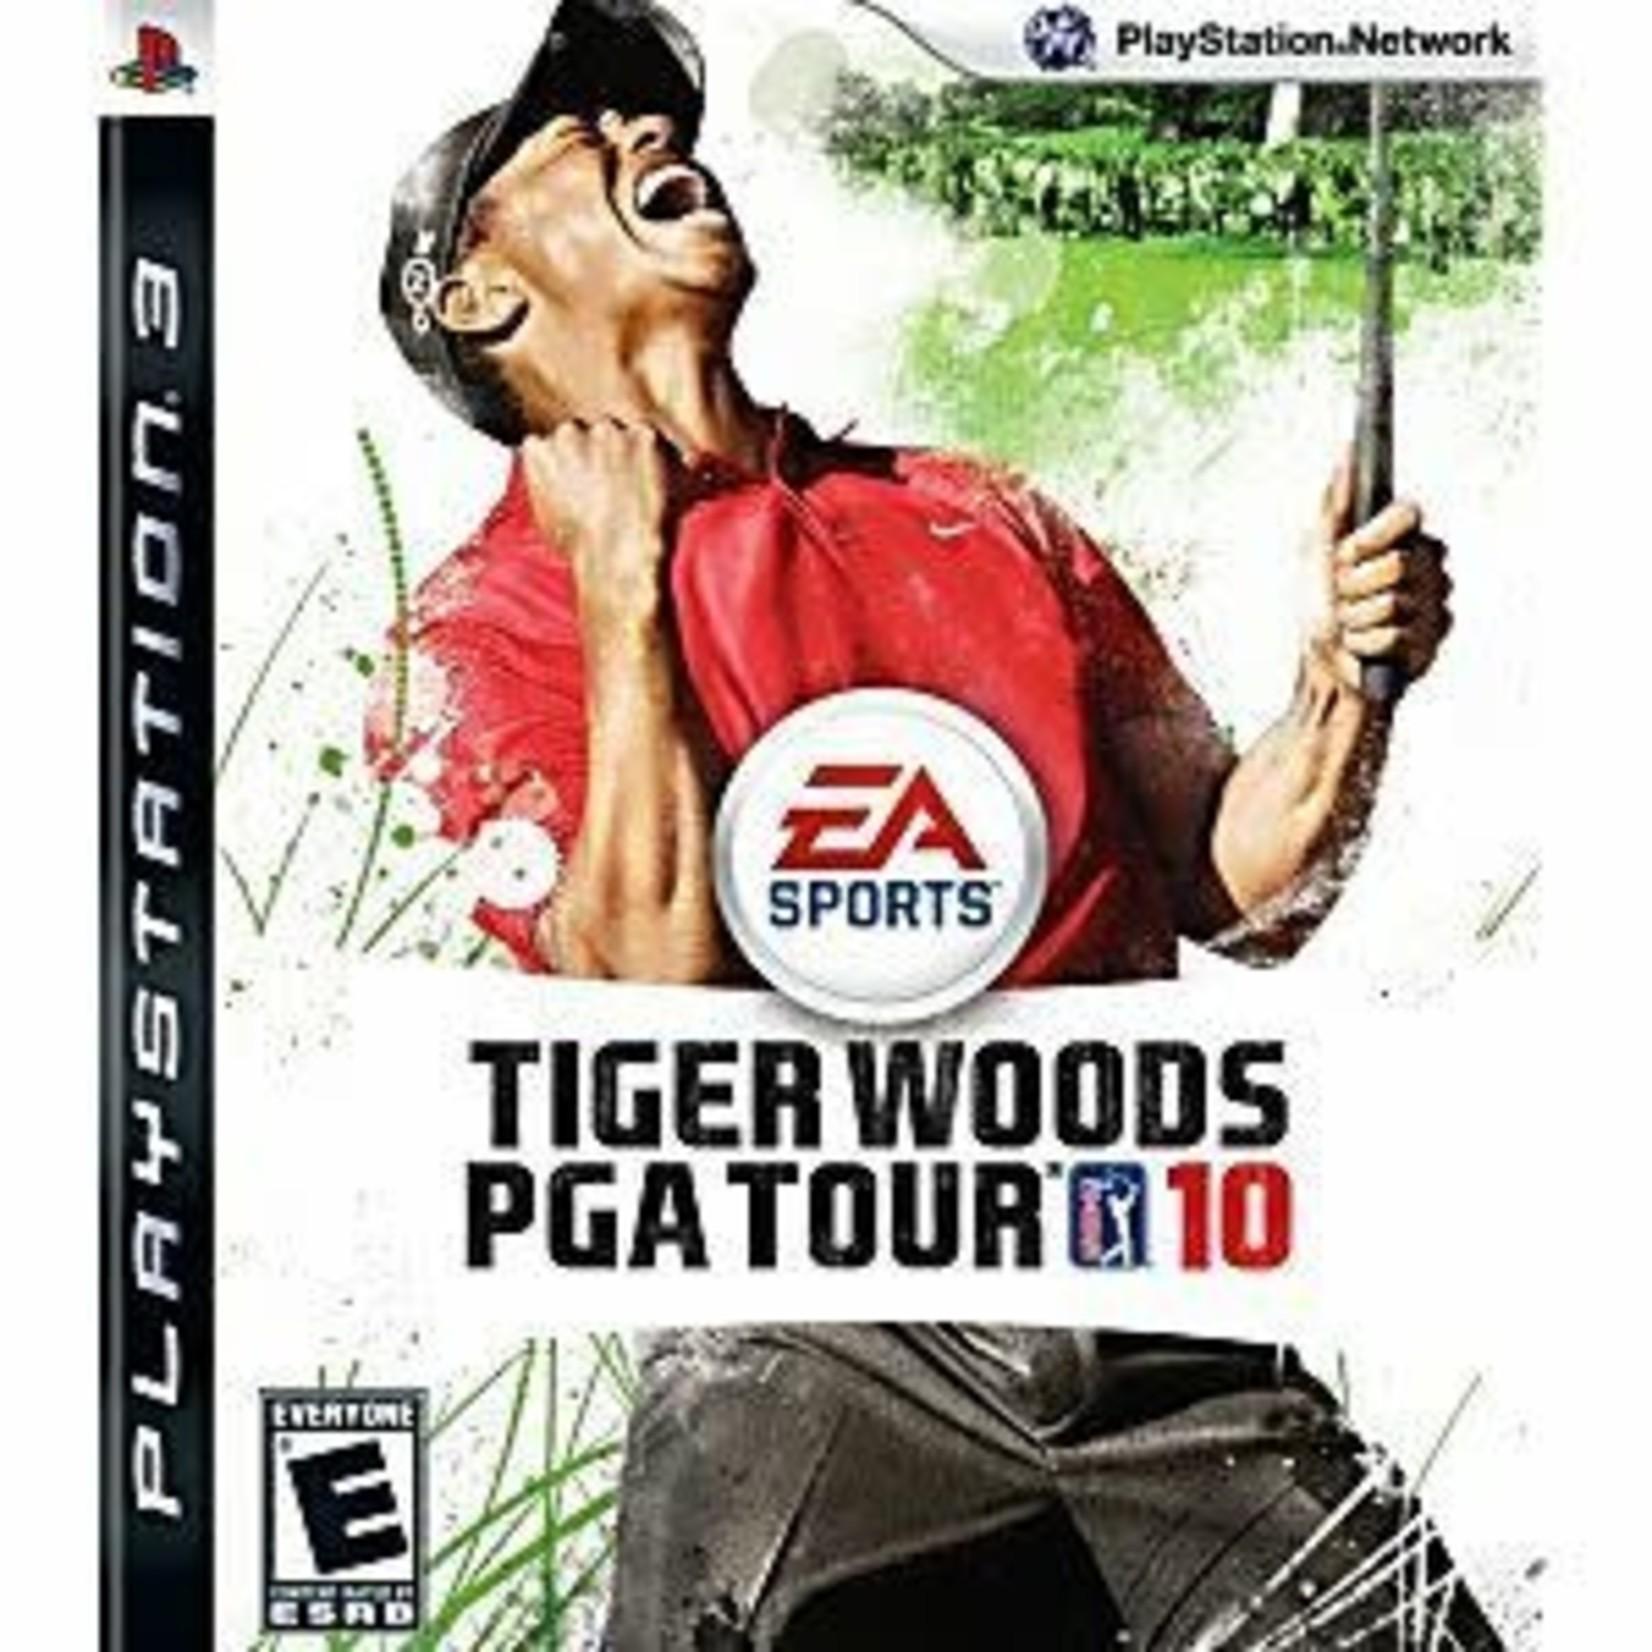 PS3U-TIGER WOODS PGA TOUR 2010